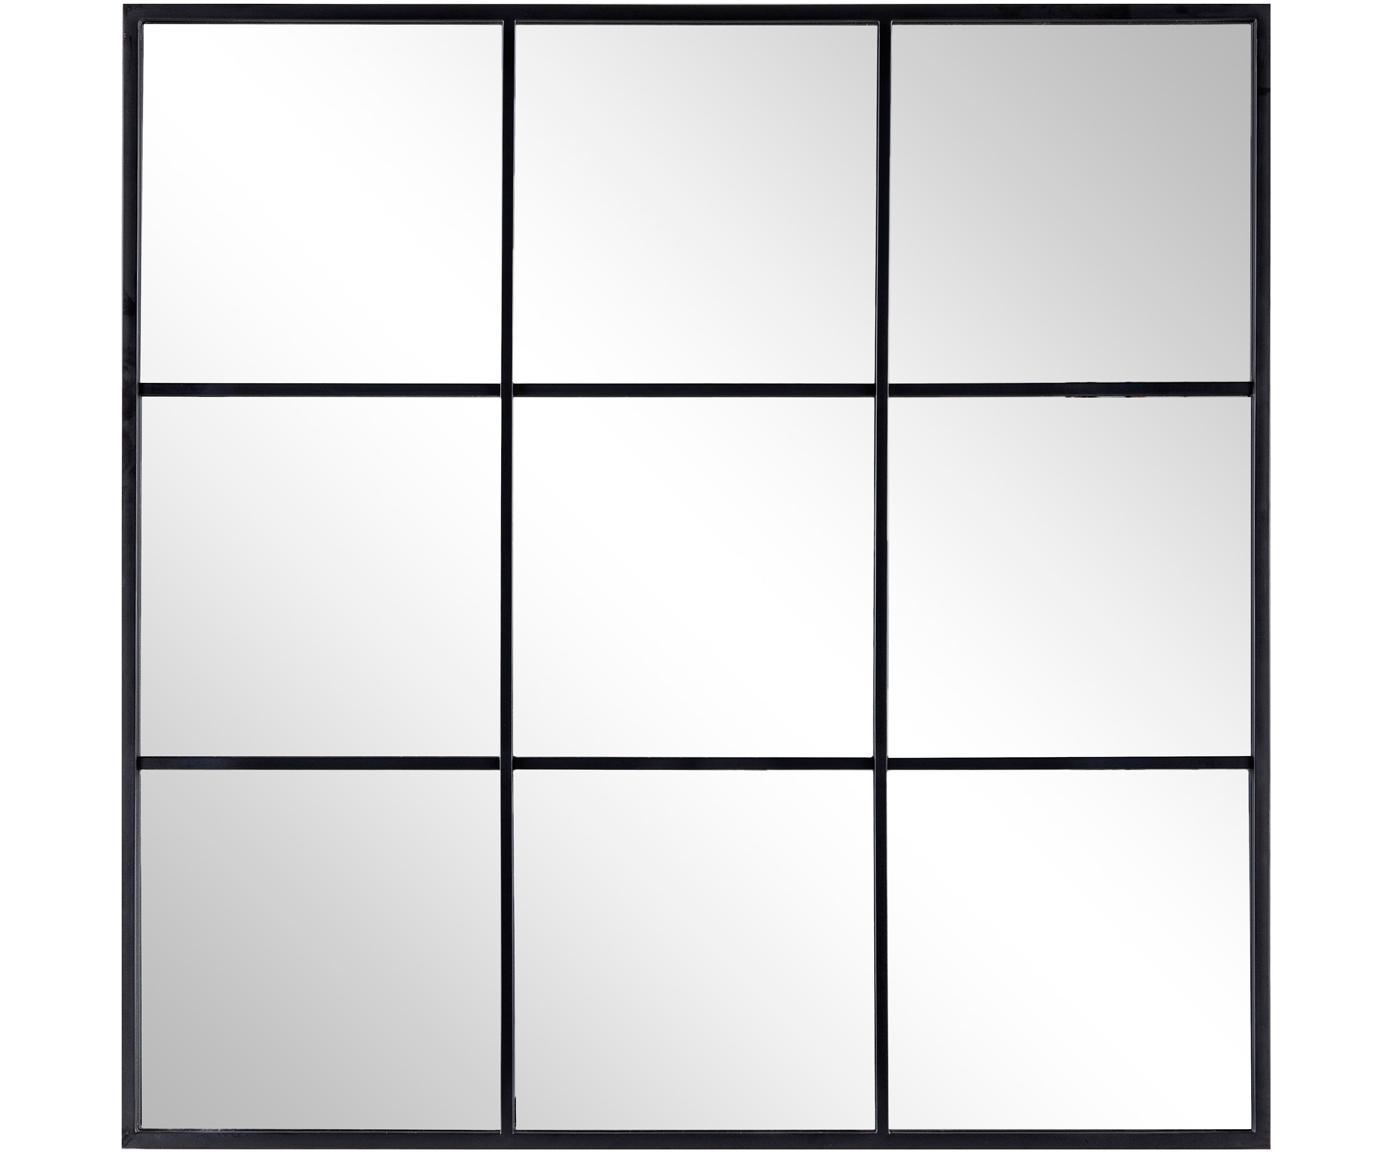 Lustro ścienne z metalowa ramą Nucleos, Czarny, S 90 x W 90 cm